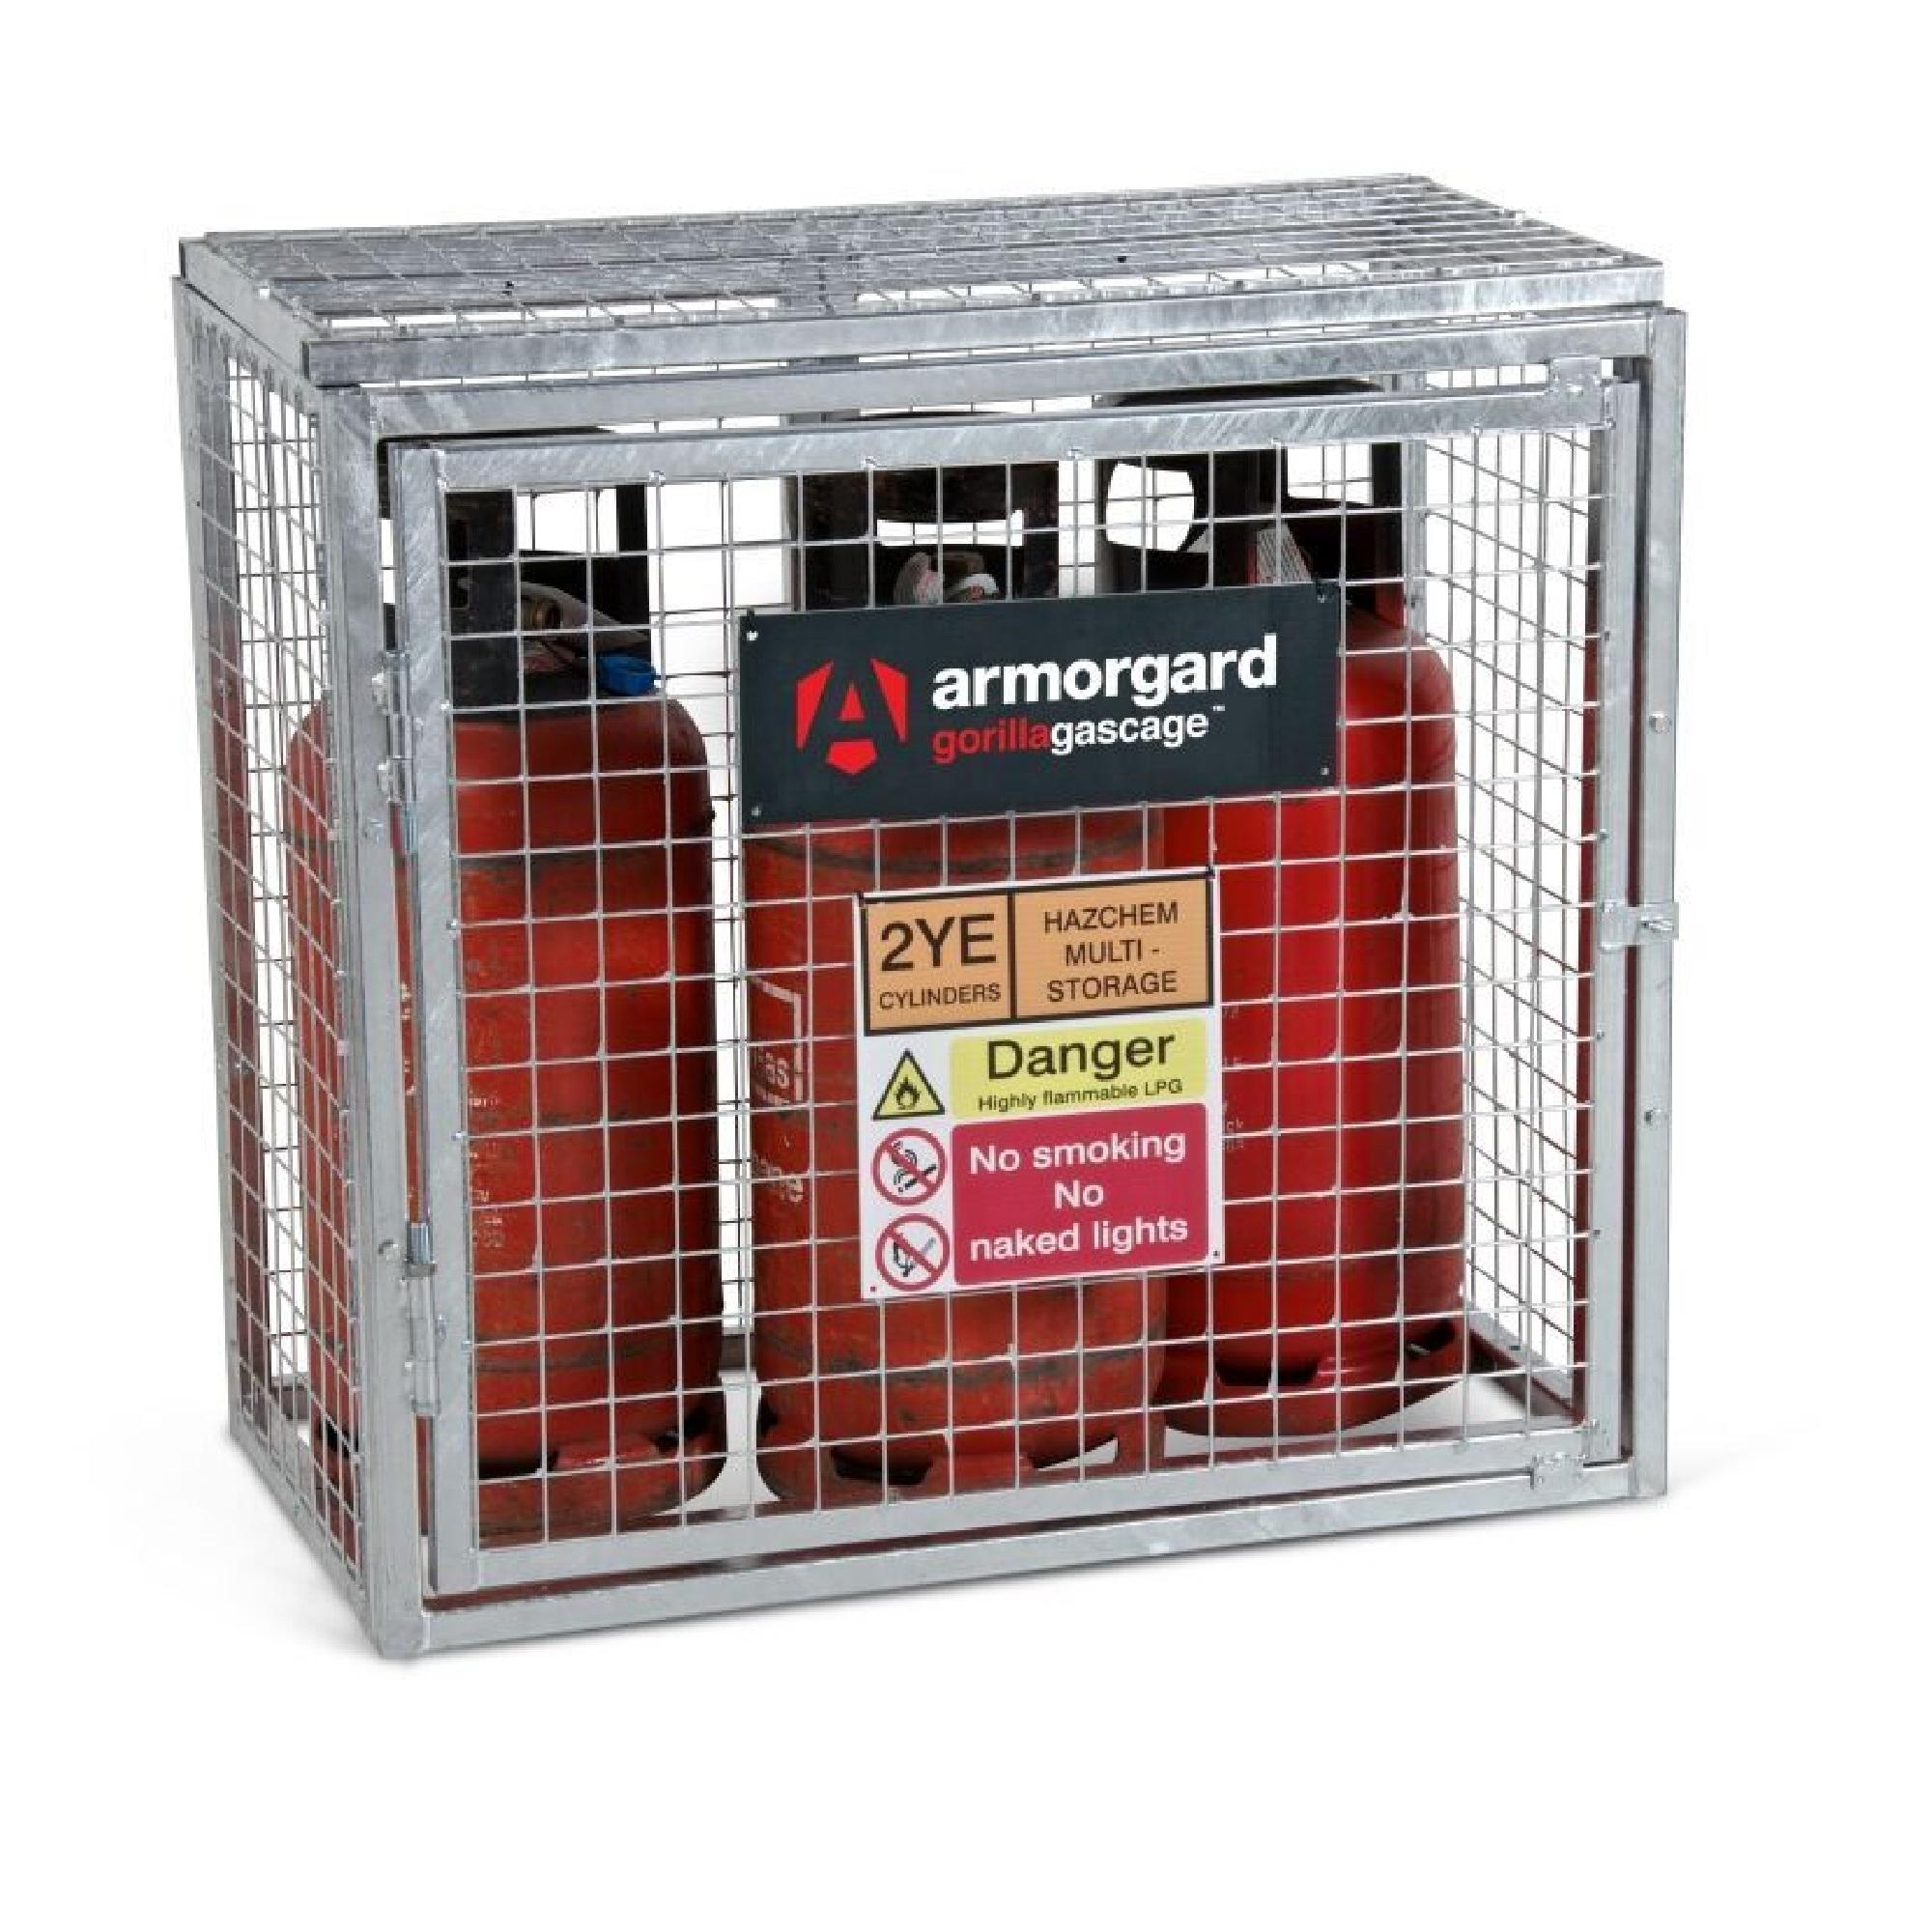 Armorgard Gorilla Gas Bottle Cage GGC1